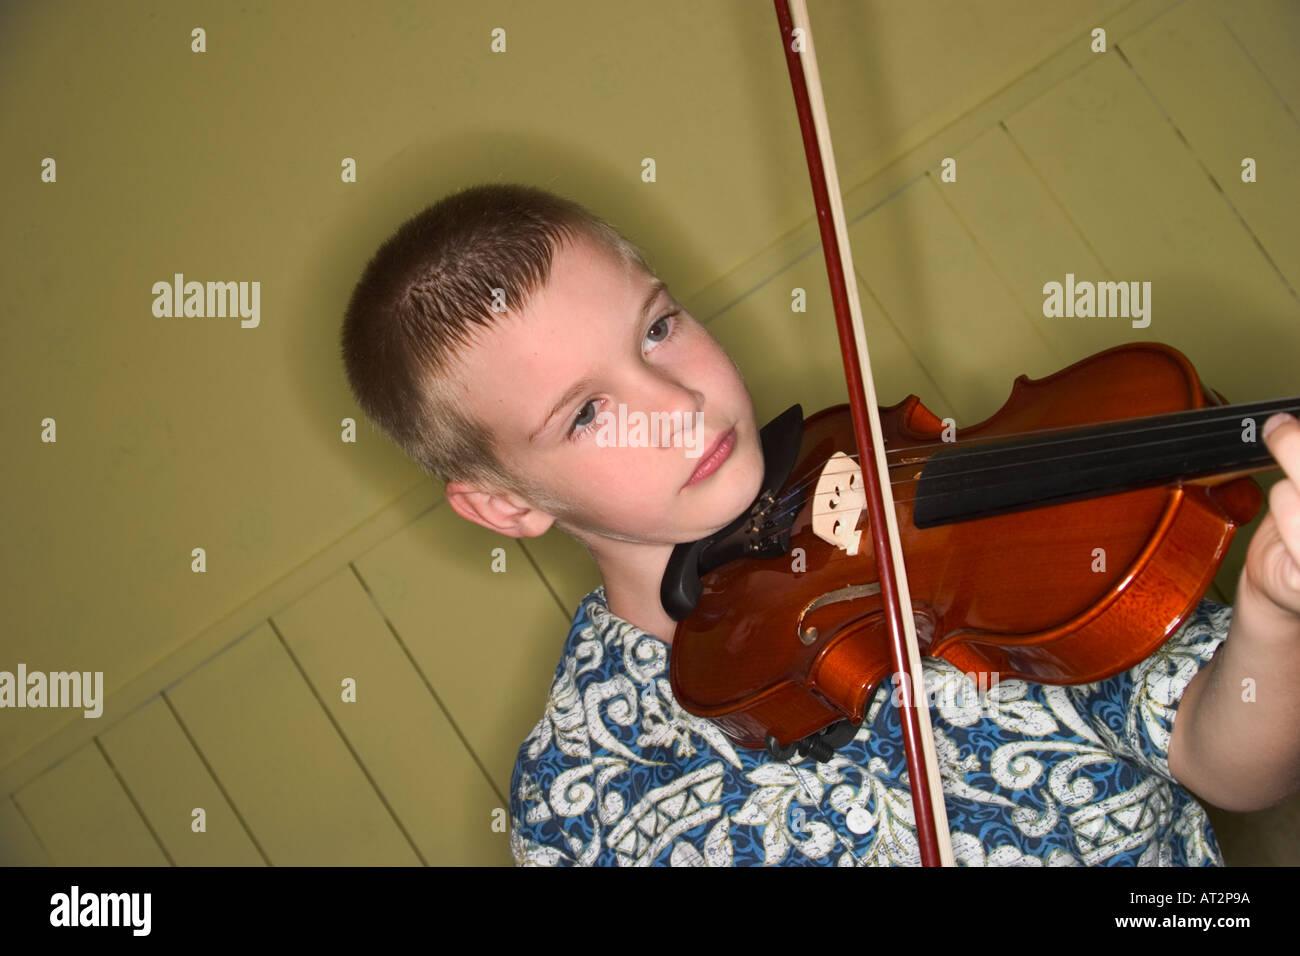 Jeune garçon pratiquer son violon Photo Stock